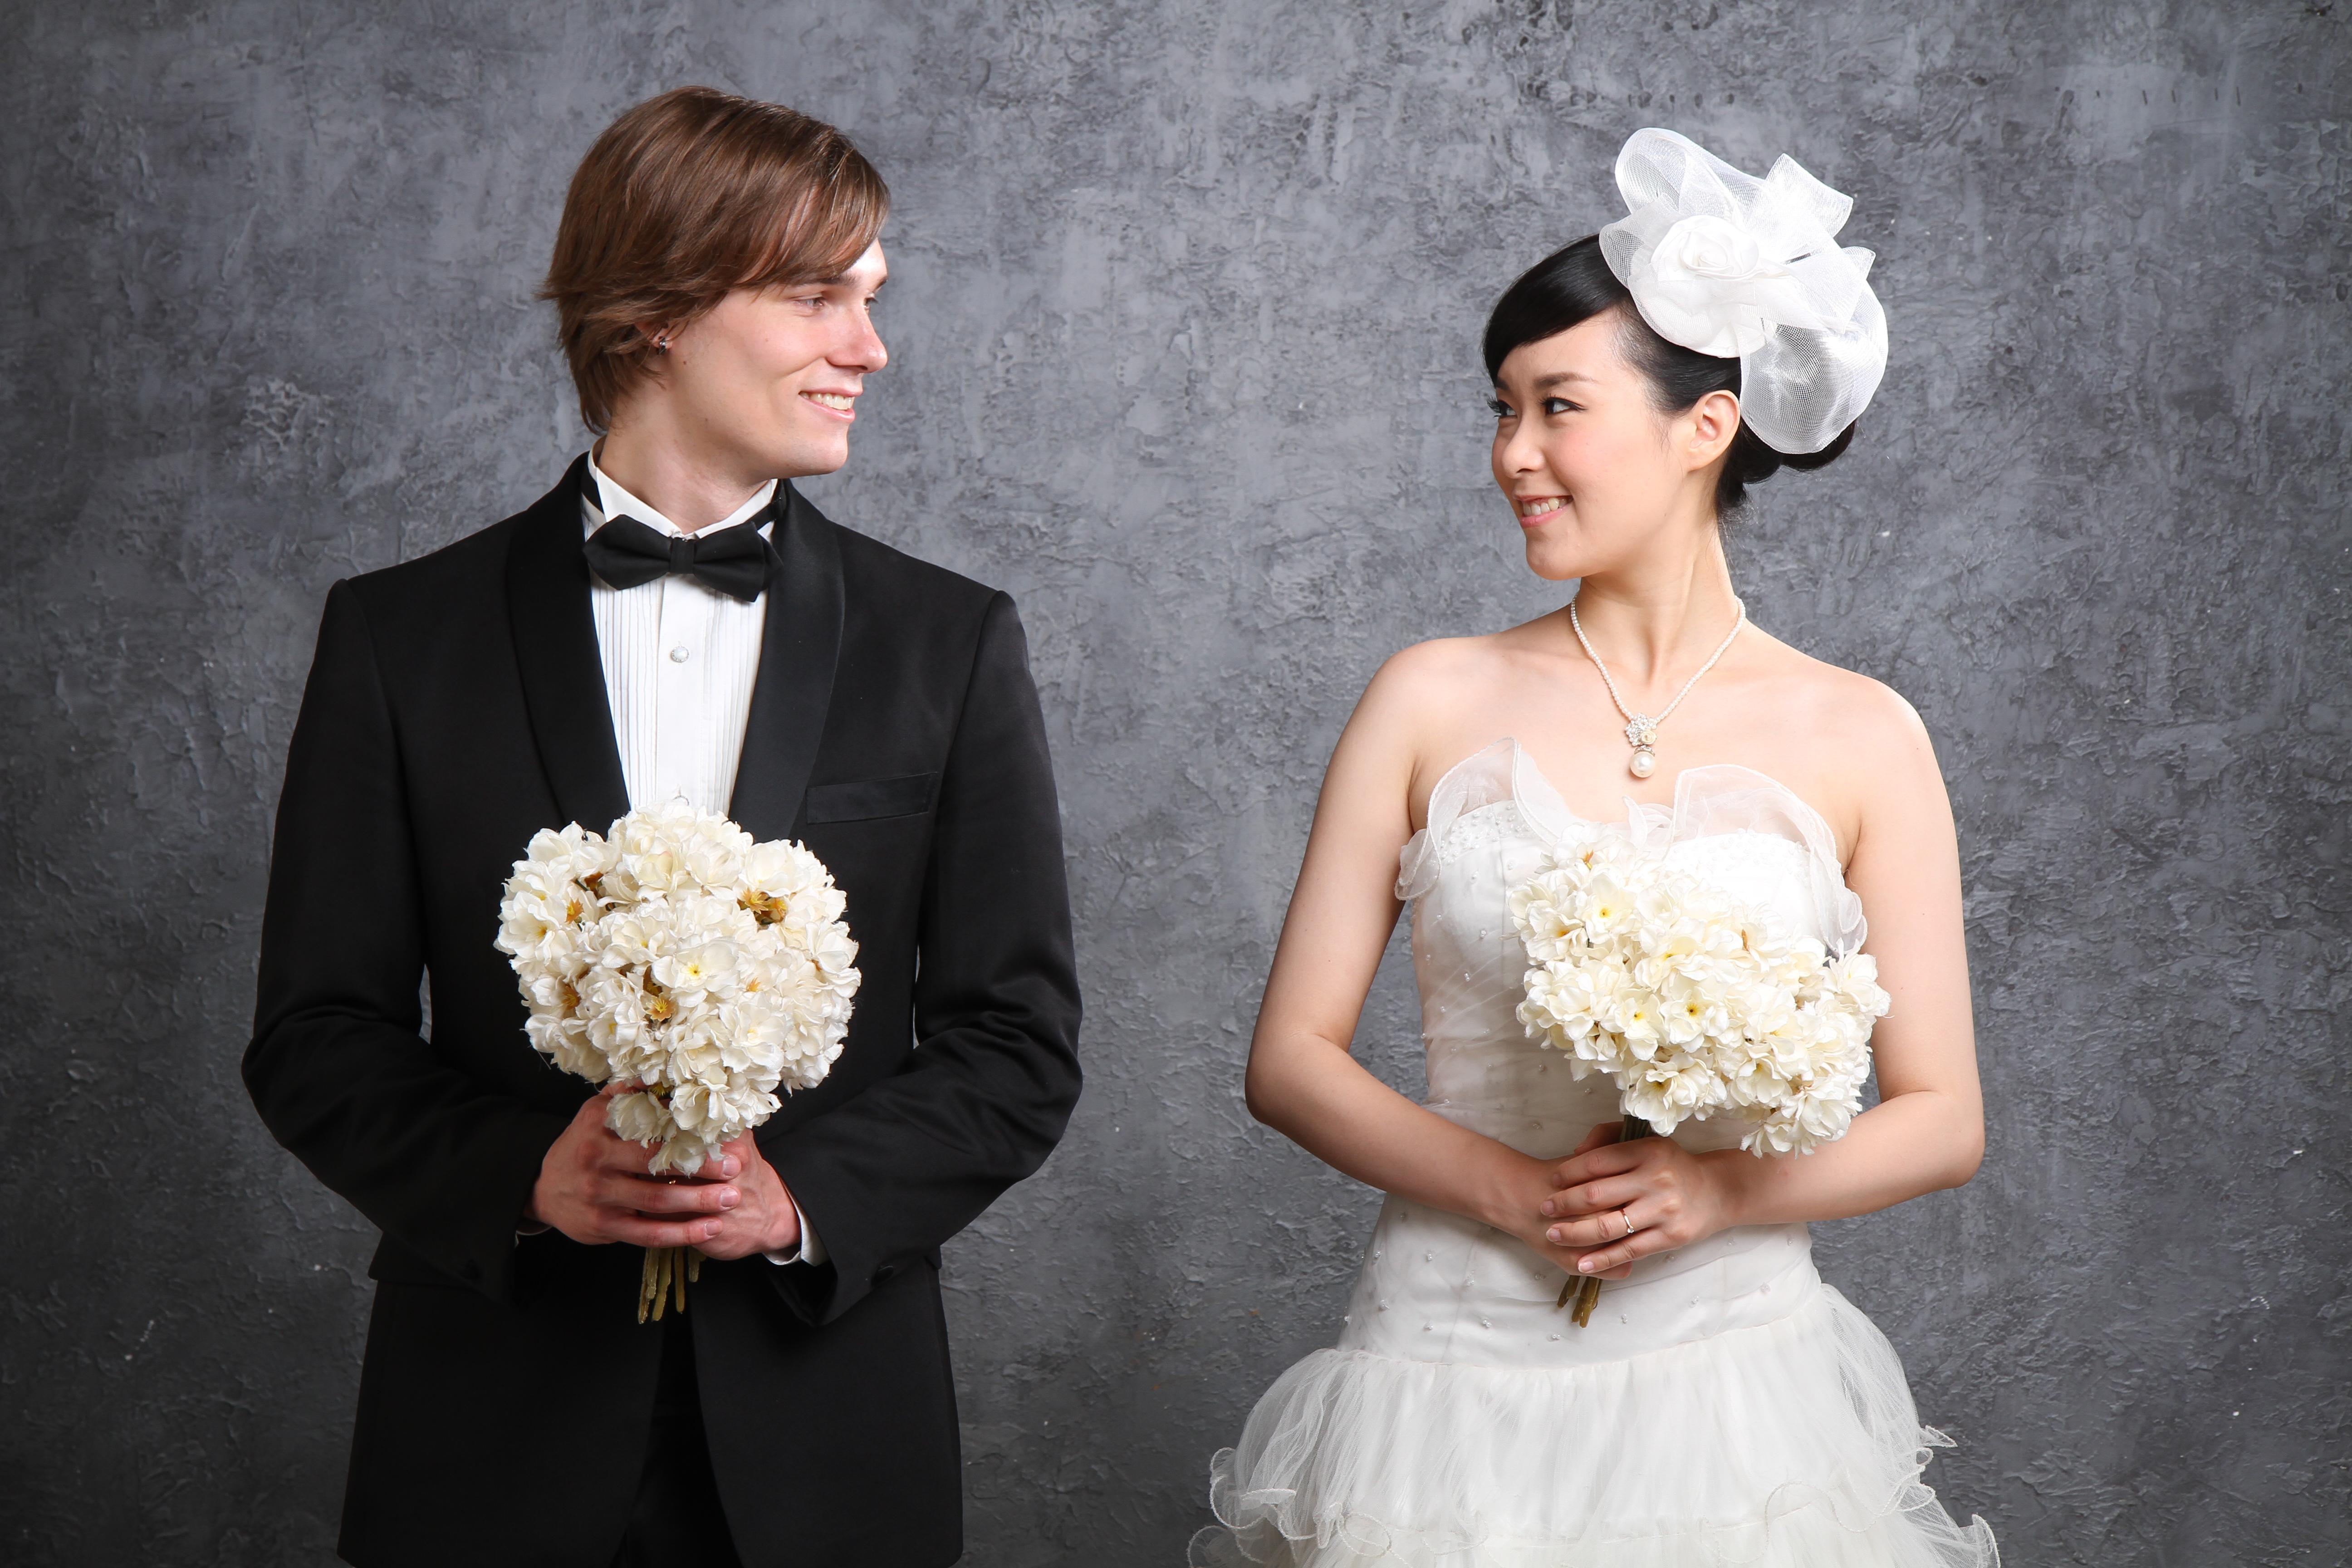 как ищу девушку для фиктивного брака фотограф Роман Мухин